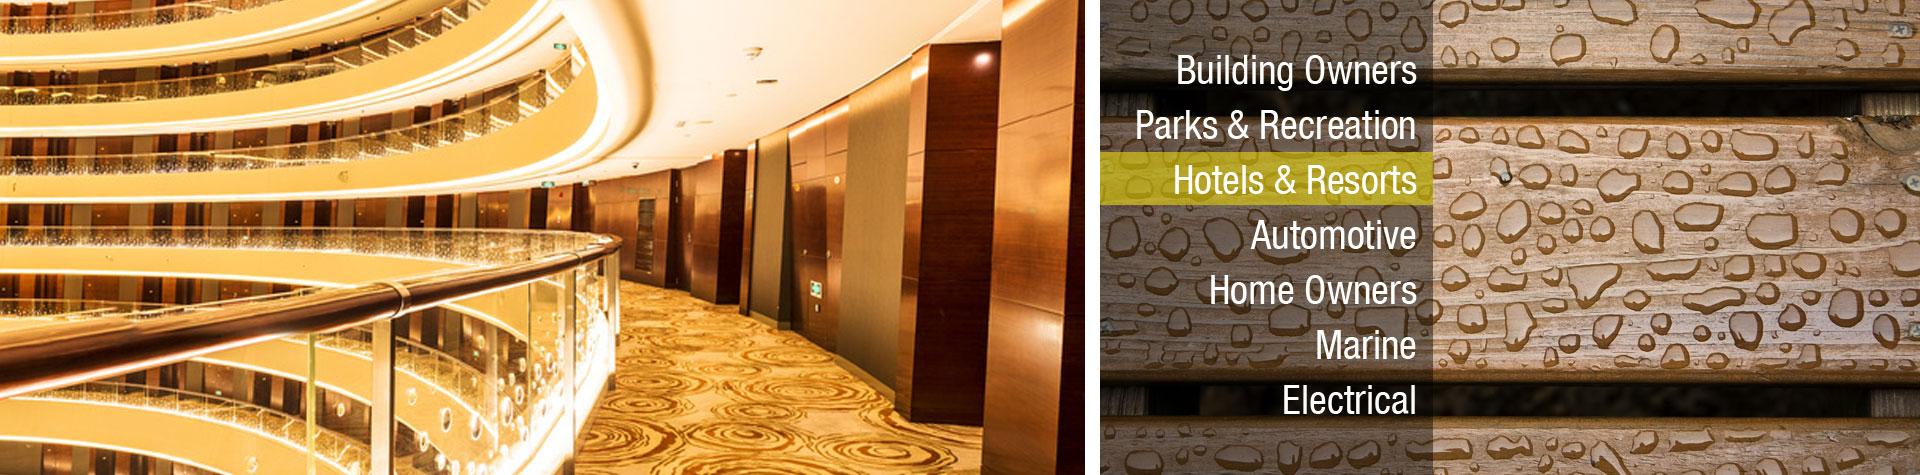 3-hotels-2